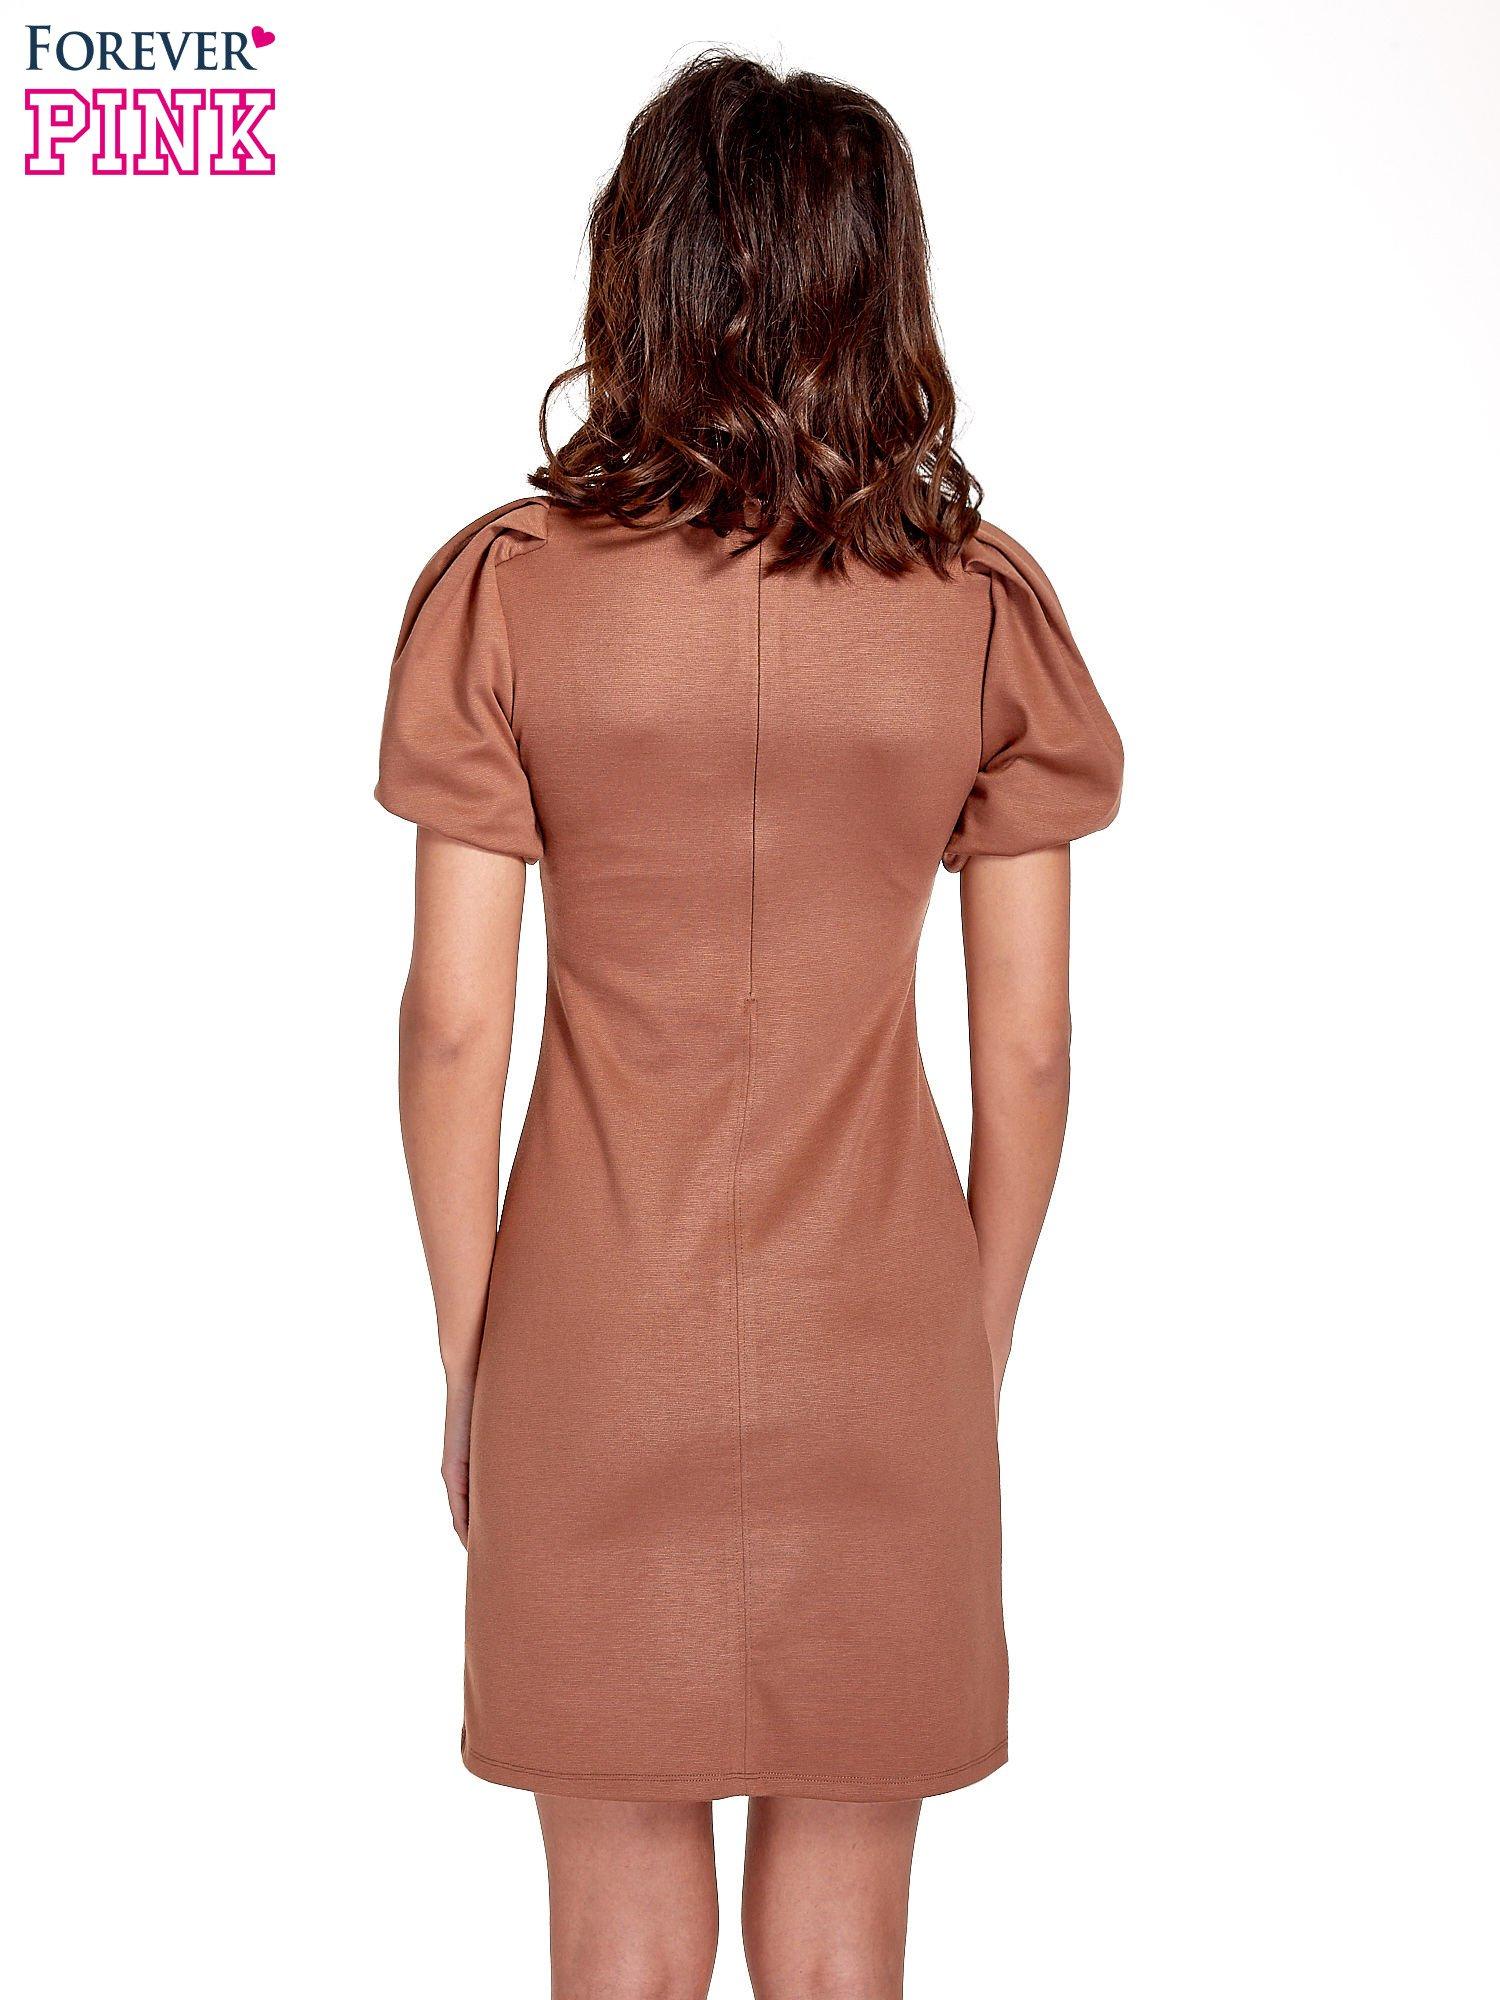 Brązowa gładka sukienka z bufiastymi rękawami                                  zdj.                                  4